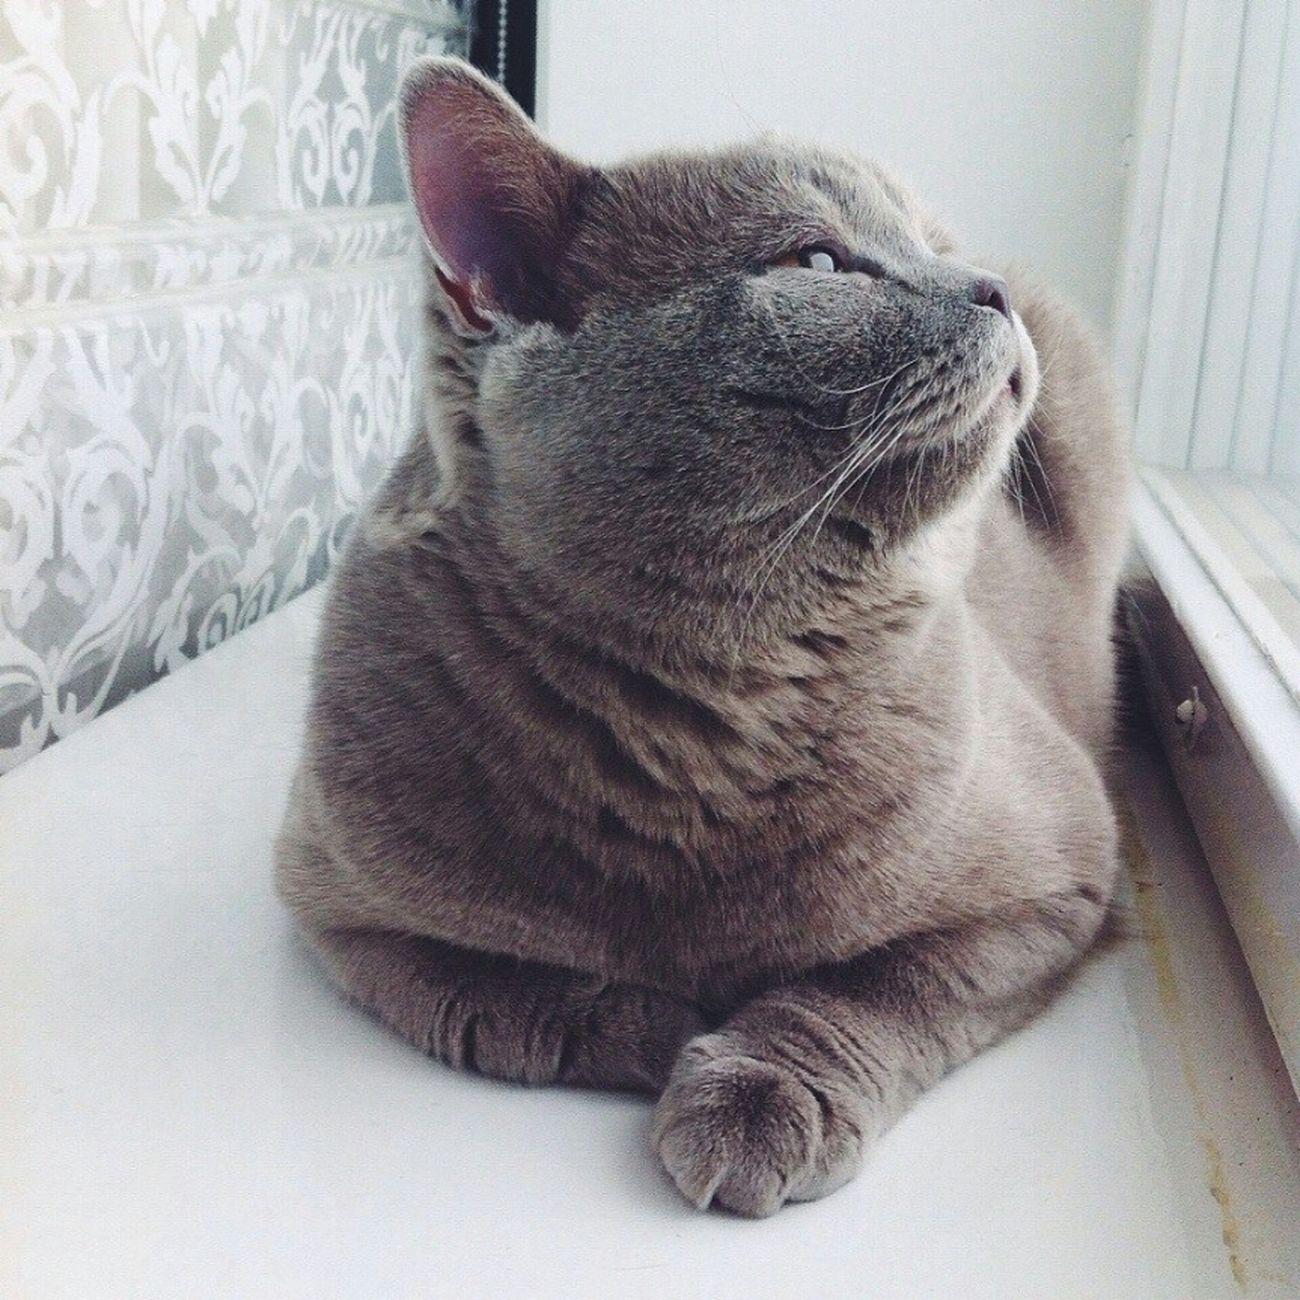 Лакомый кот:**** Süüß, Ihr Nutten! :-)♥ Nett Kater Liebe ❤ Liebe